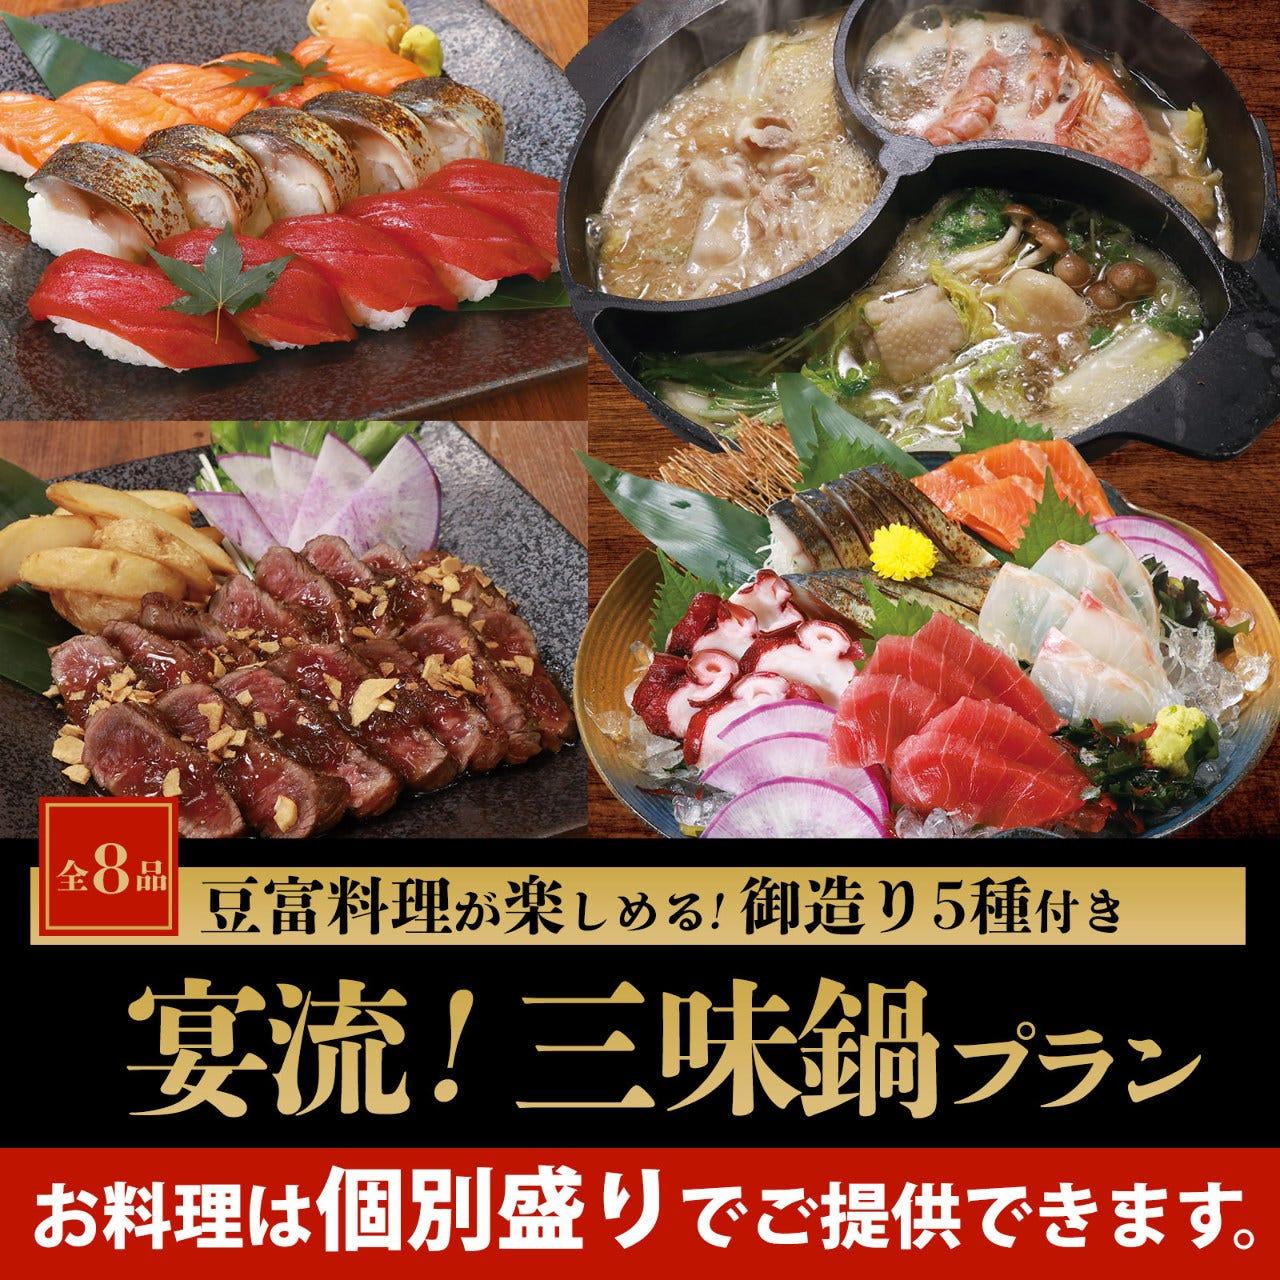 《名物!豆富料理が楽しめる御造り五種と宴流!三味鍋プラン》【8品】